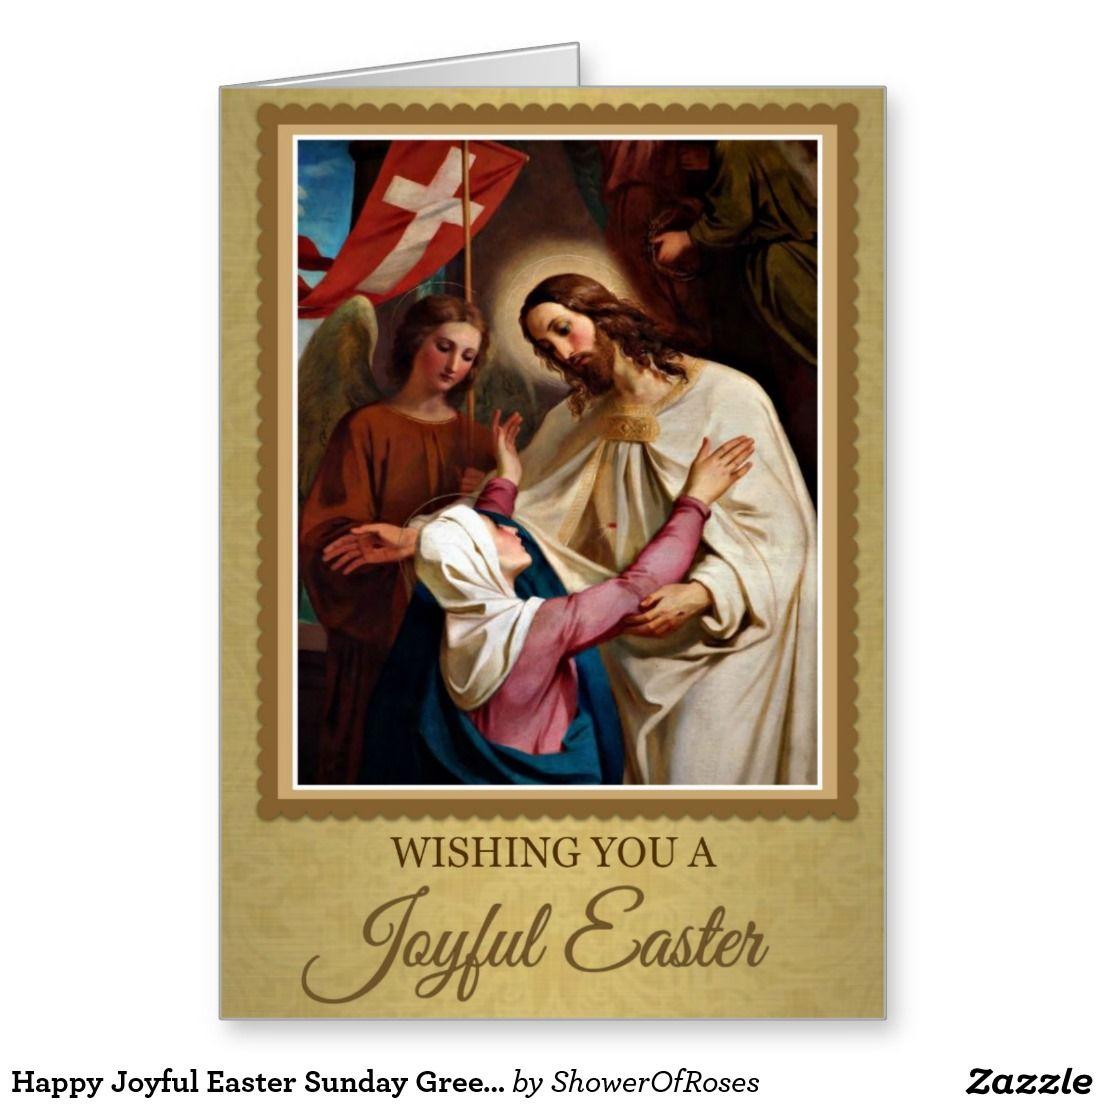 207 Happy Joyful Easter Sunday Greeting Card Sunday Greetings